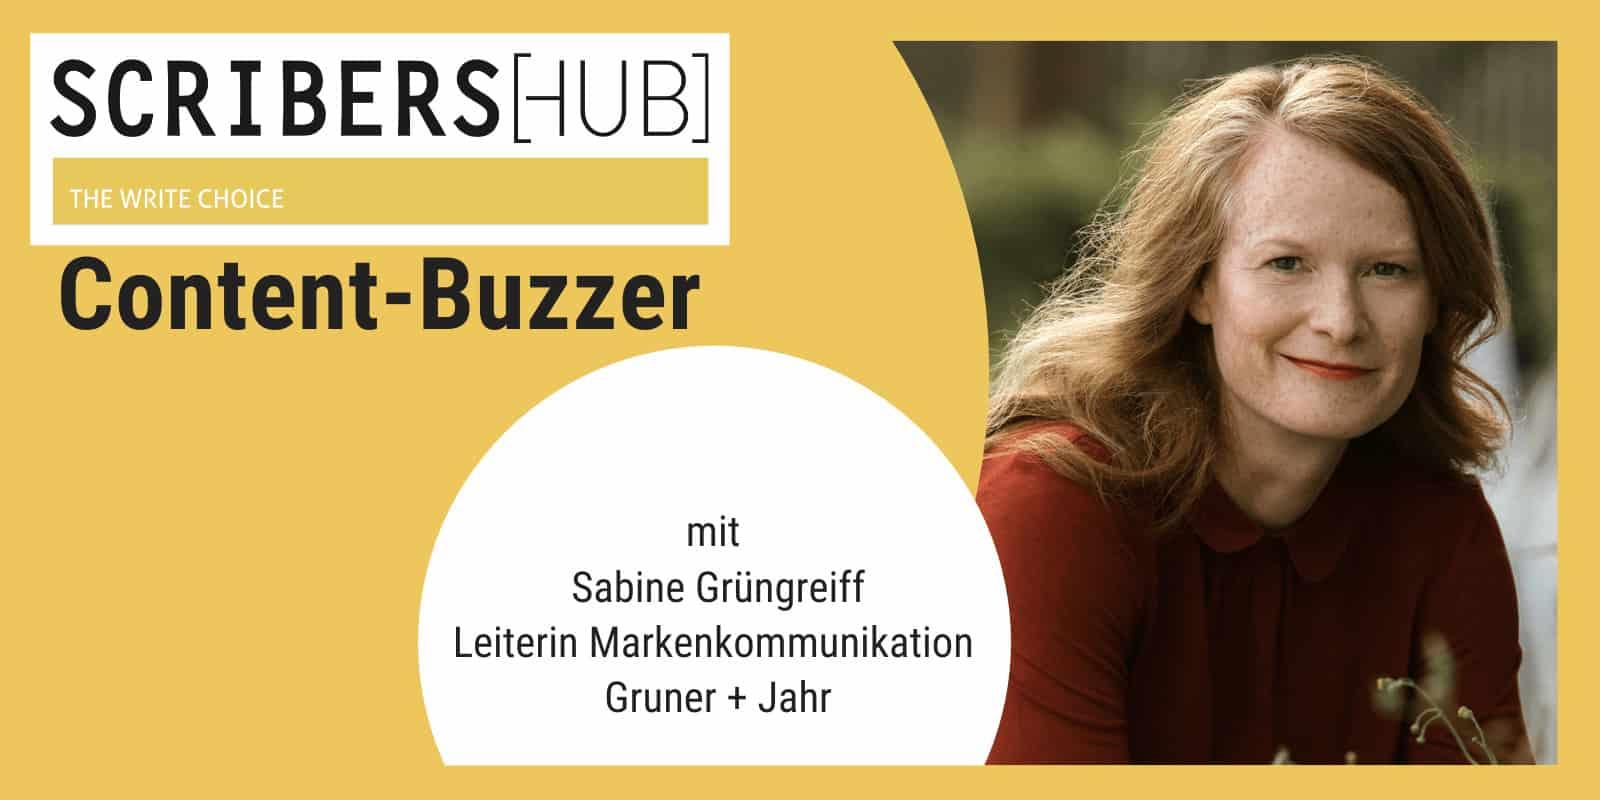 Sabine Grüngreiff im Scribershub Content Buzzer